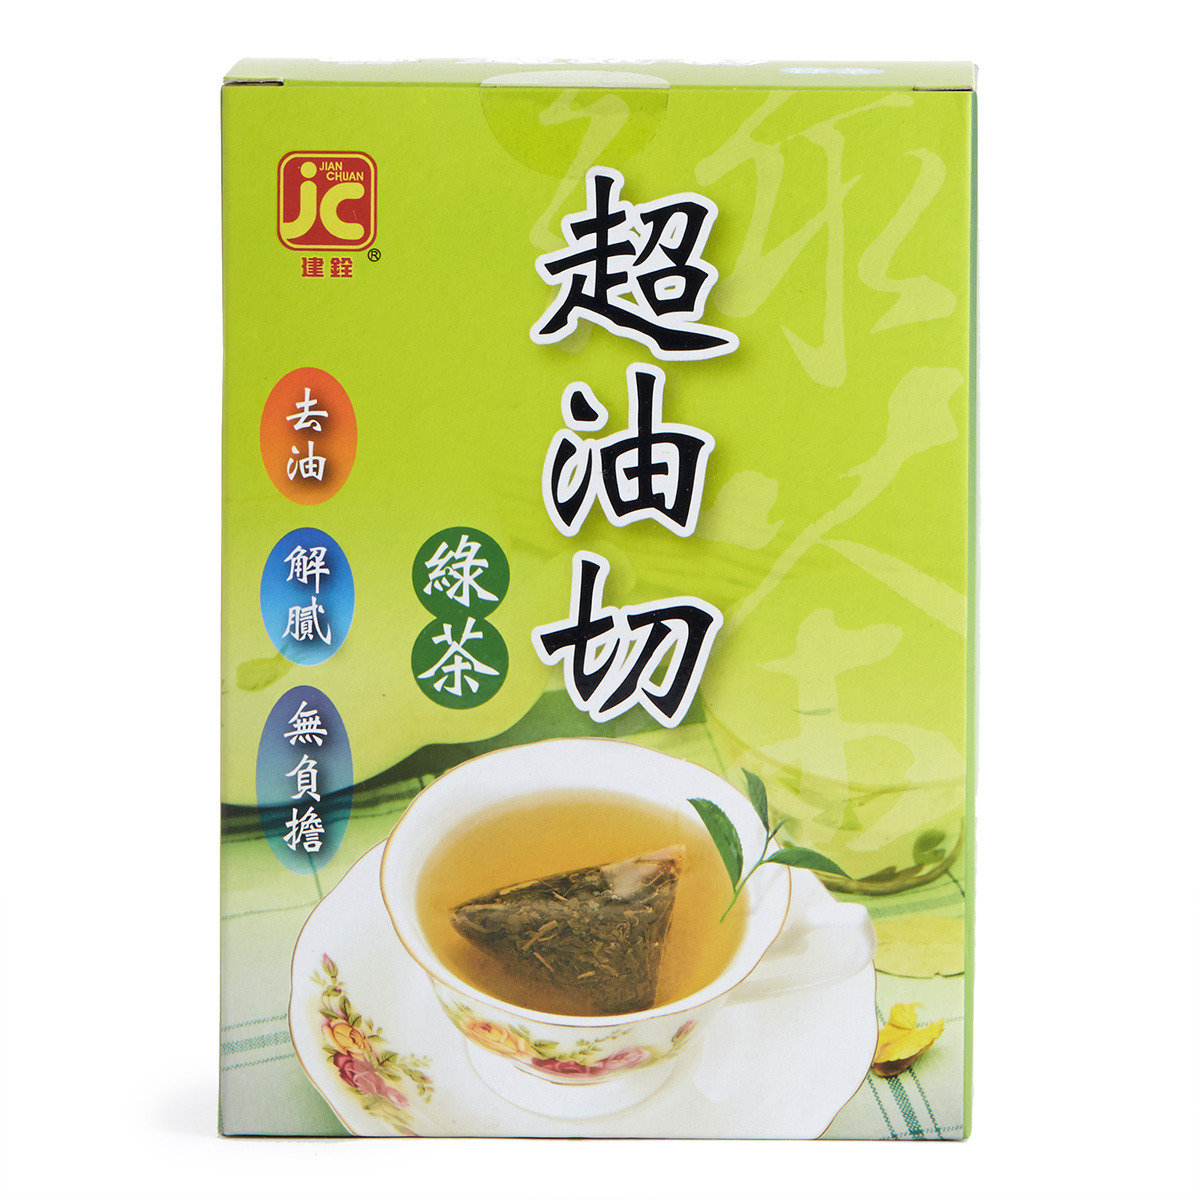 超油切綠茶